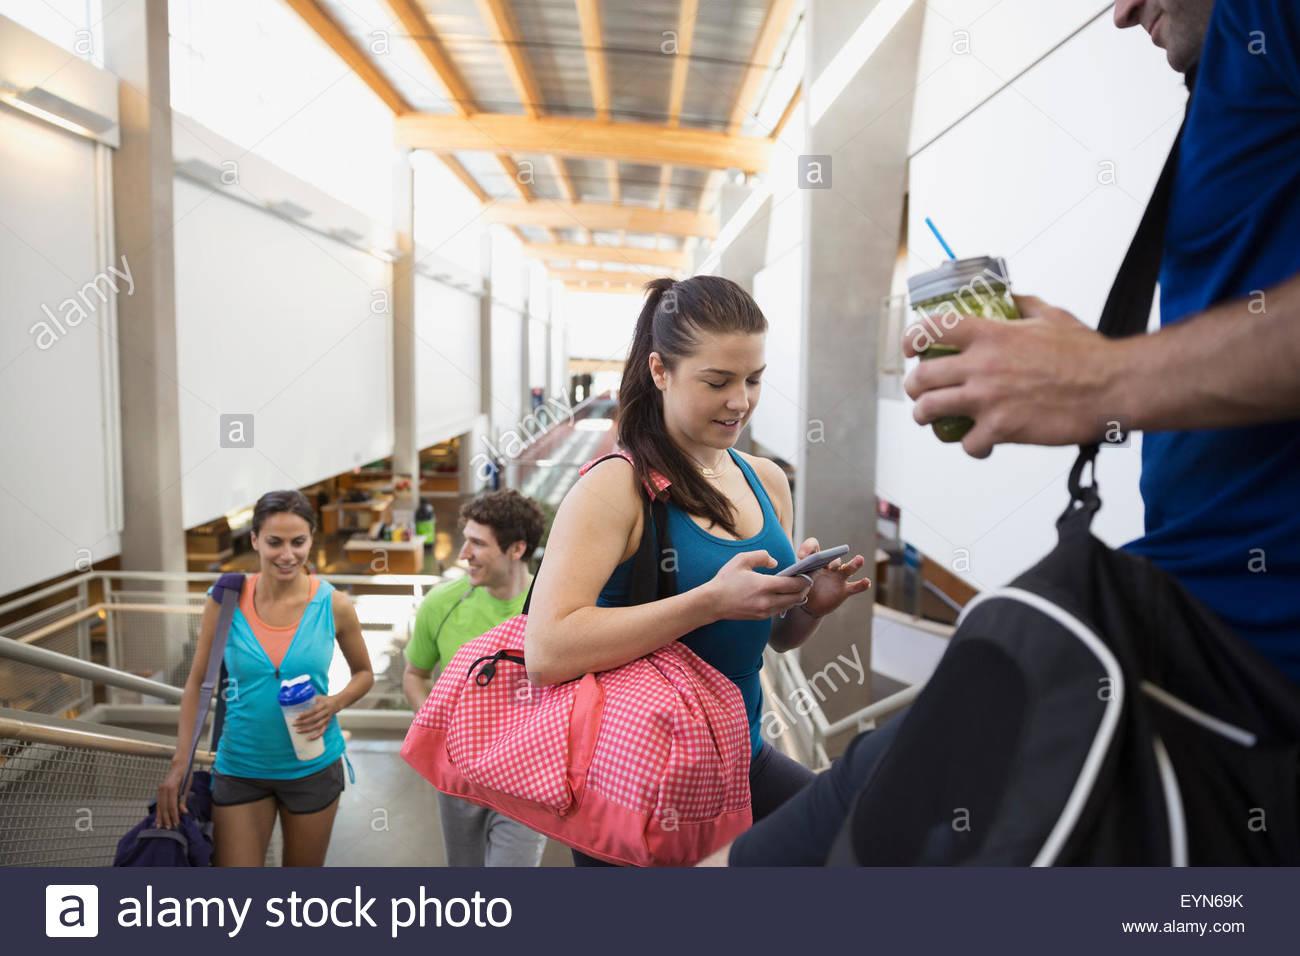 Freunde sprechen und mit Handy in Turnhalle Stockfoto